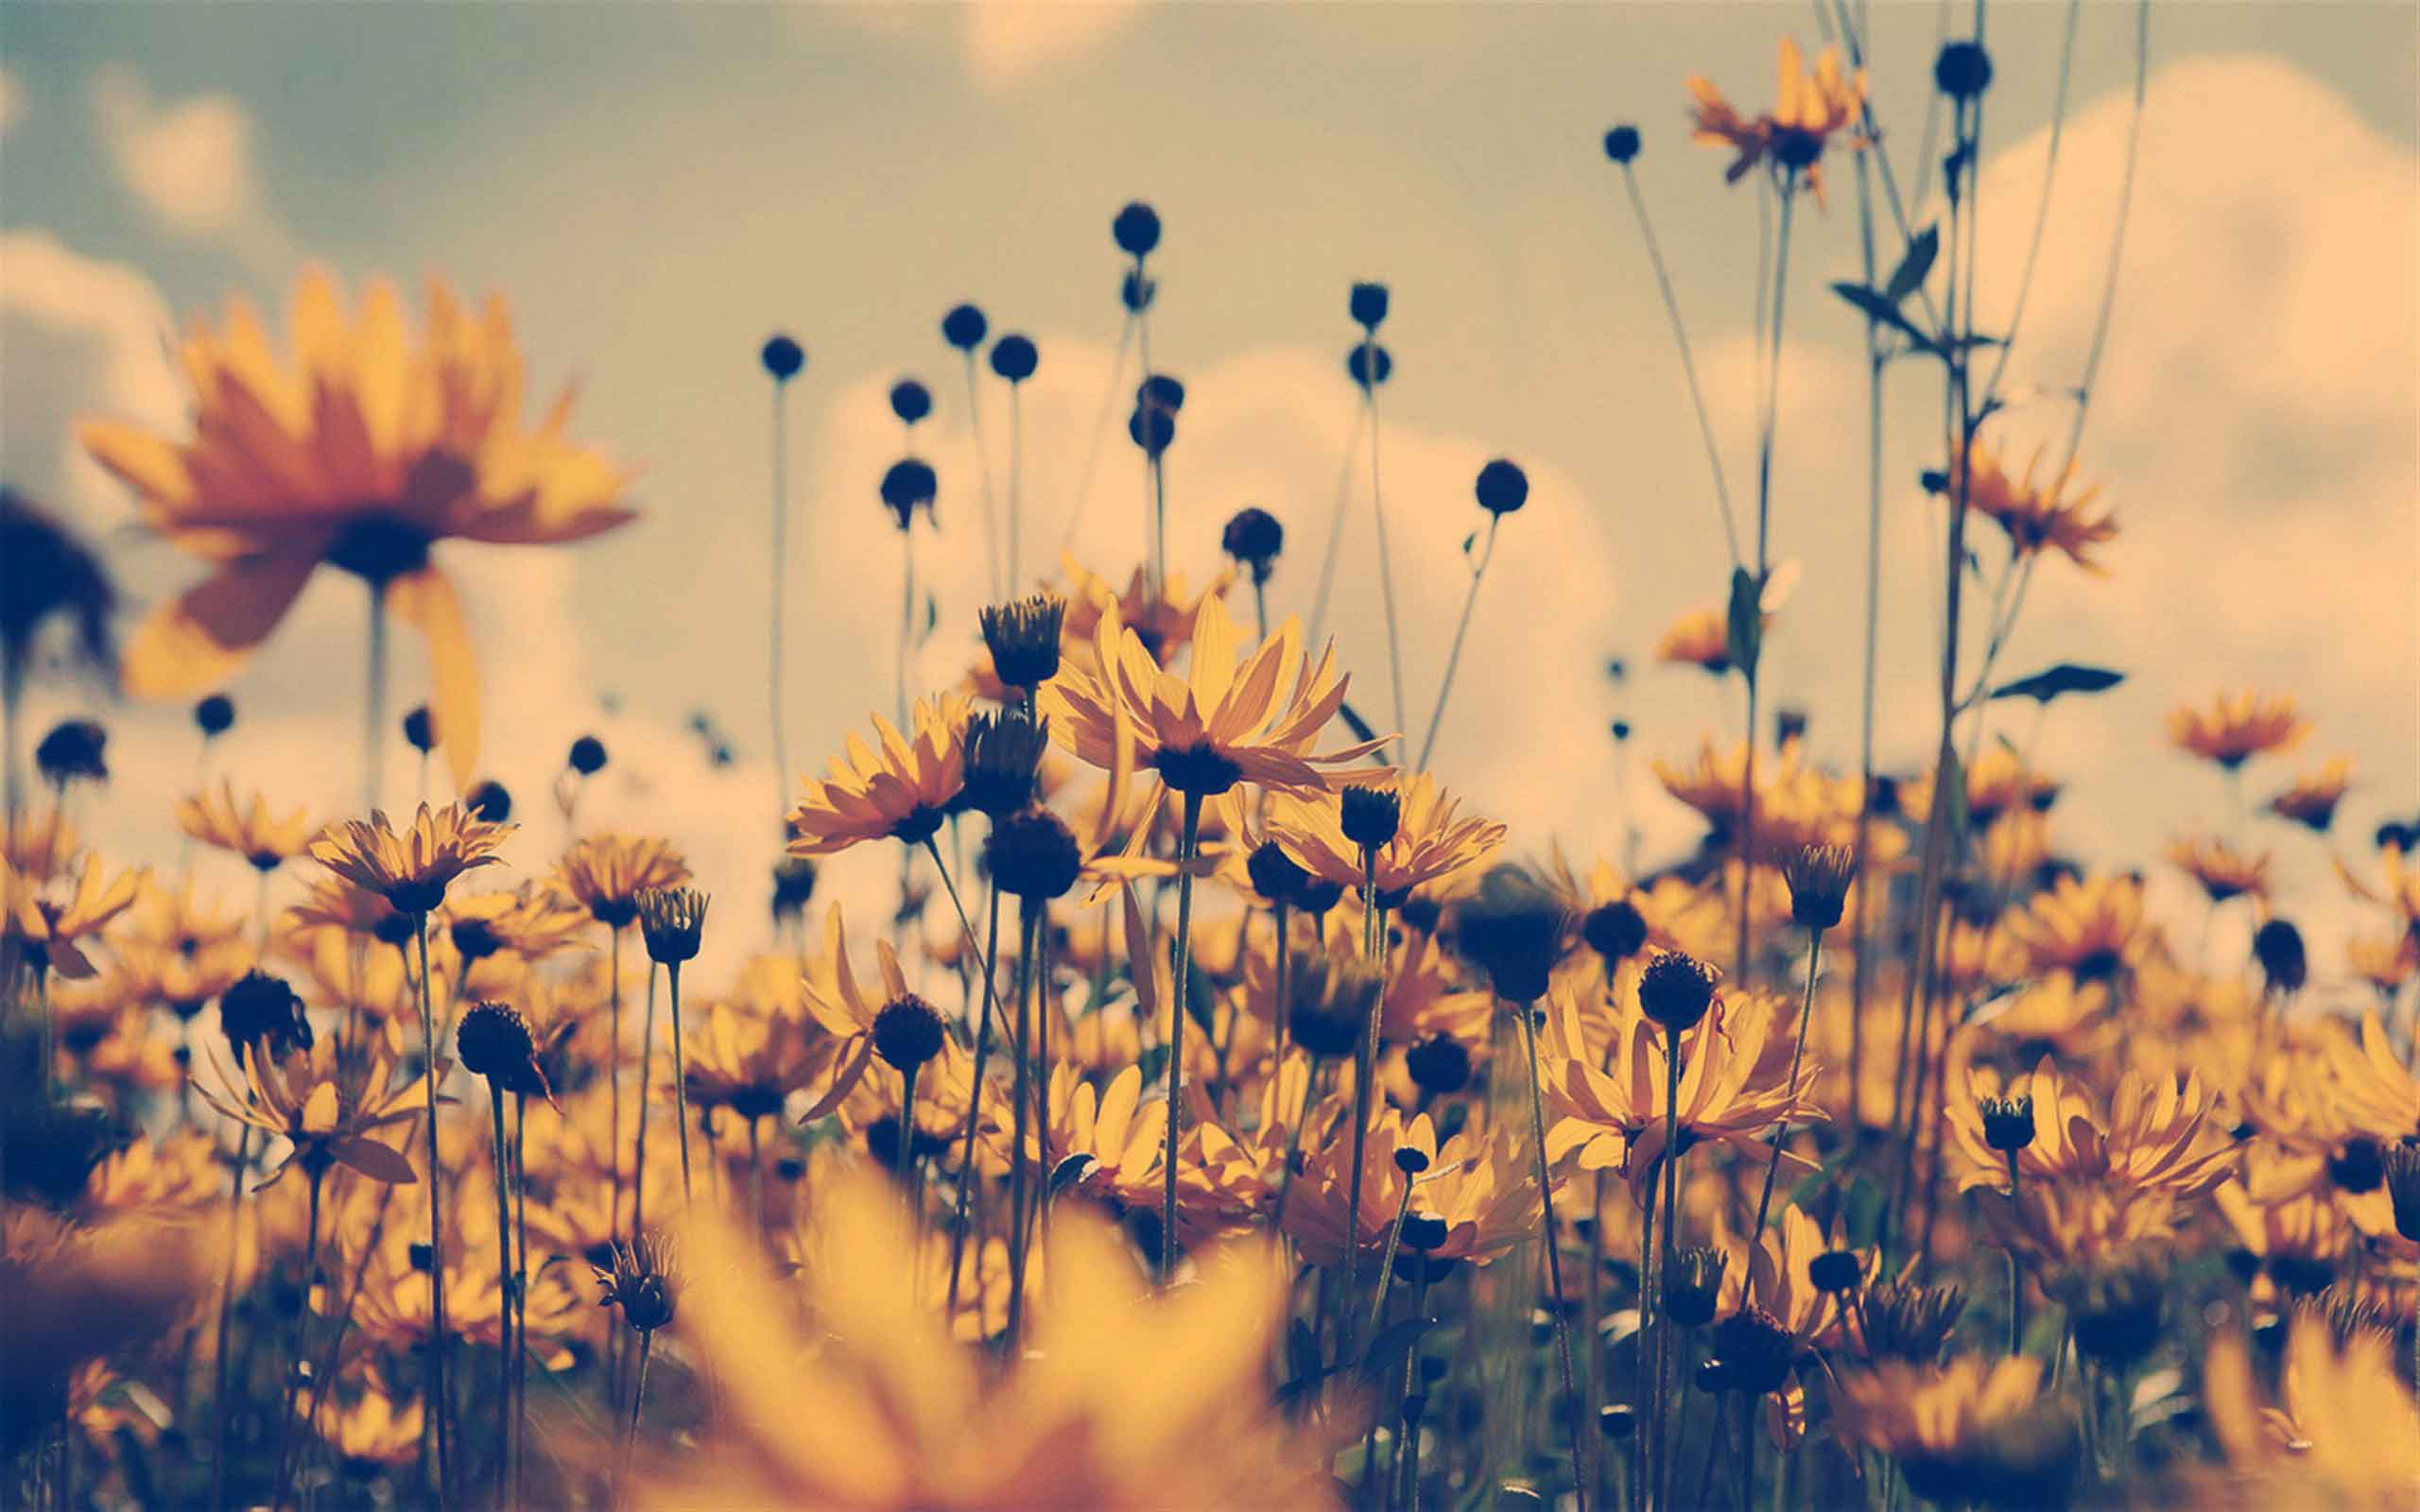 可爱唯美图片 可以有背影 阳光 花之类的,但不要人的正面的,有意境一图片